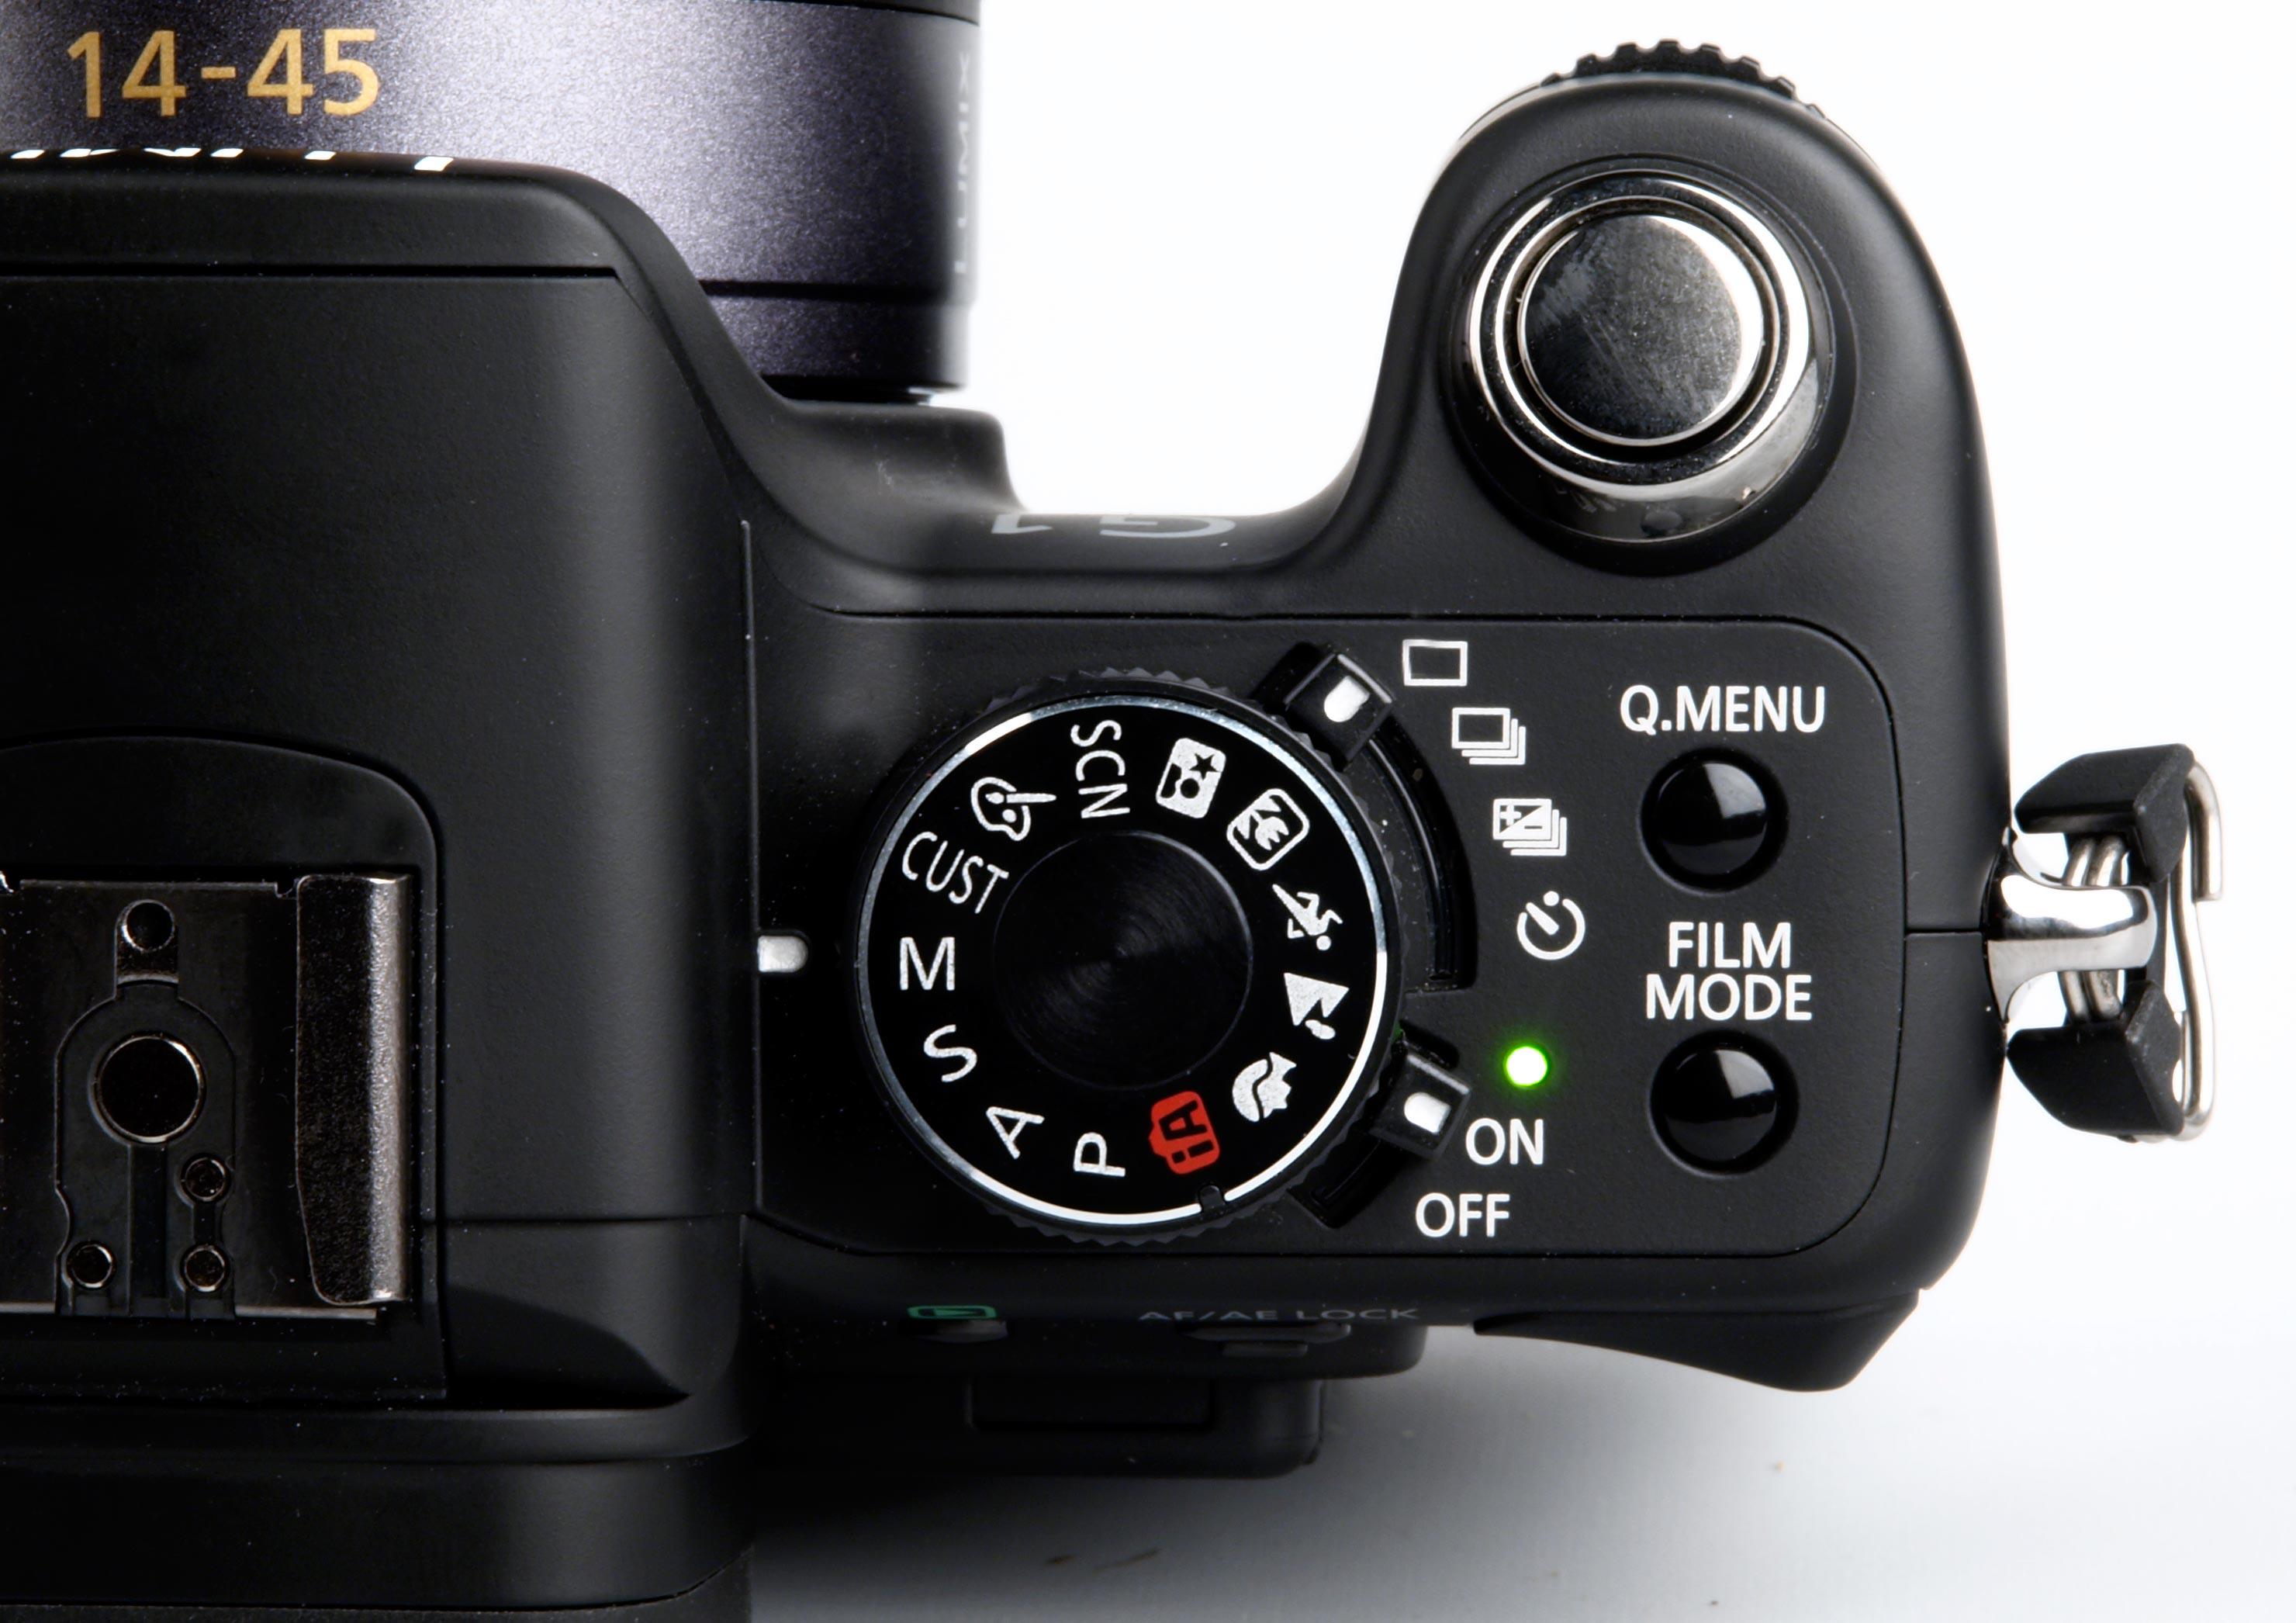 Стоит ли покупать фотоаппарат на пхукете отсутствие